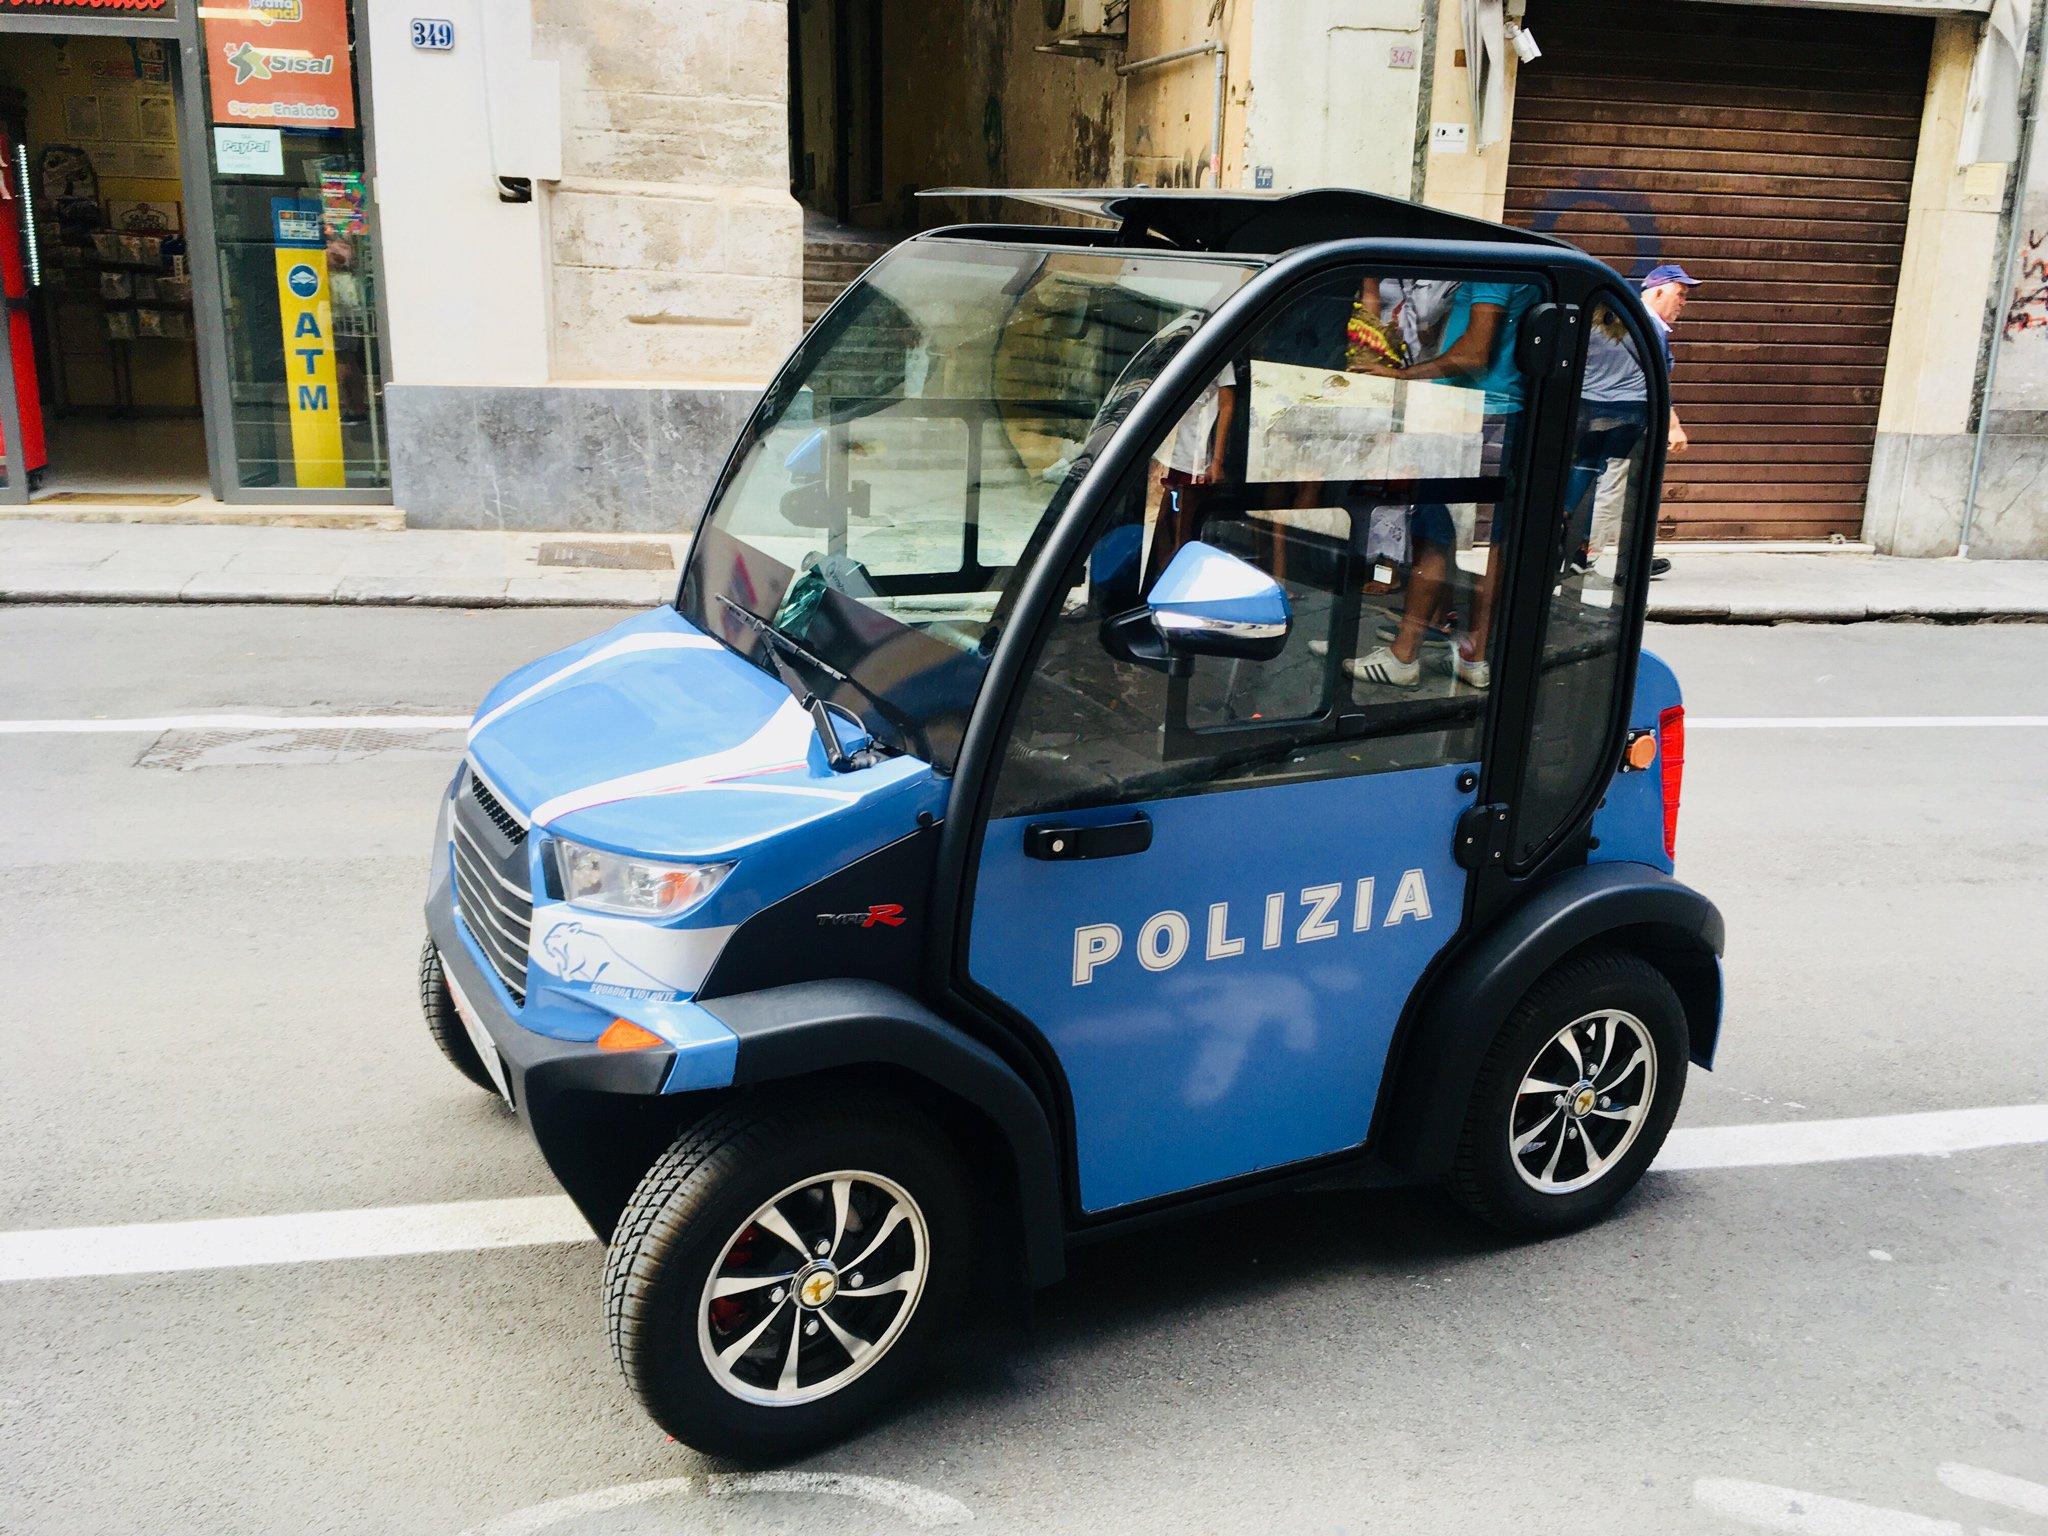 Polizeipferd, Palermo. https://t.co/PEK14JqvGU